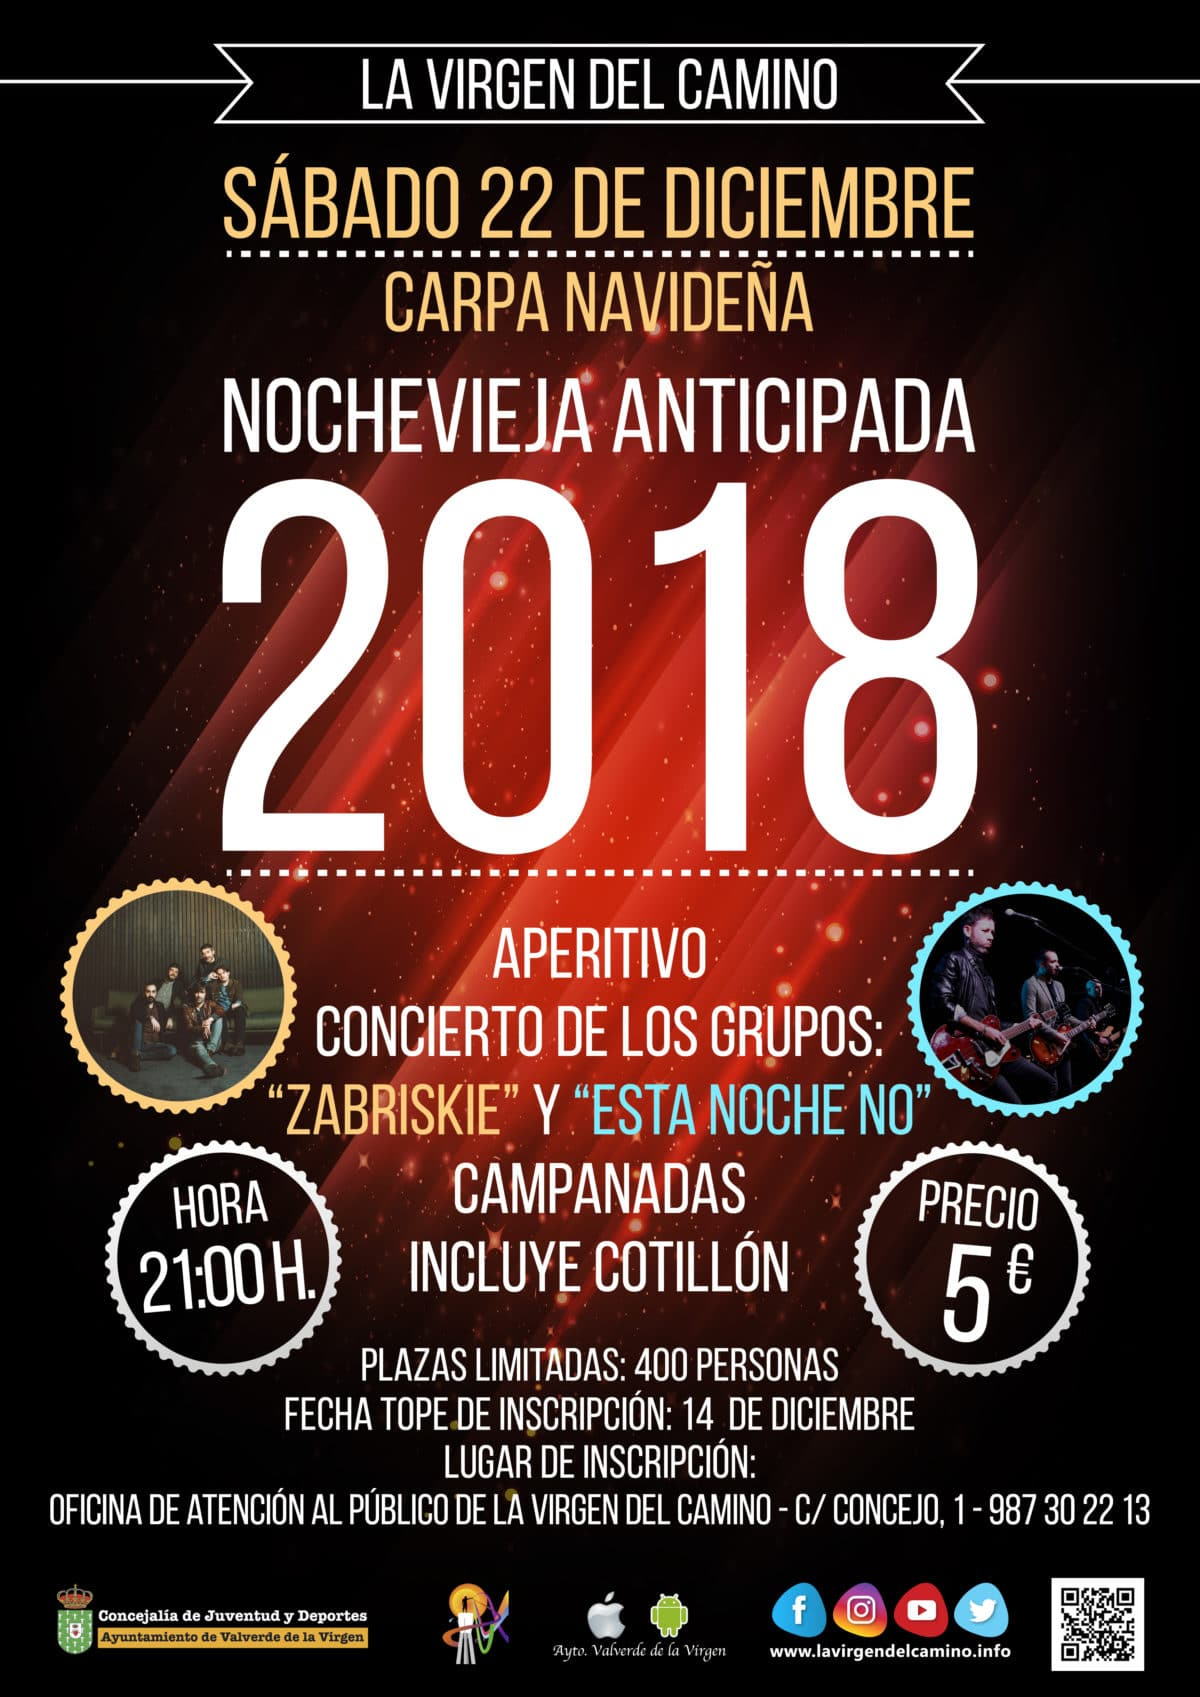 Noche Vieja Anticipada 2018